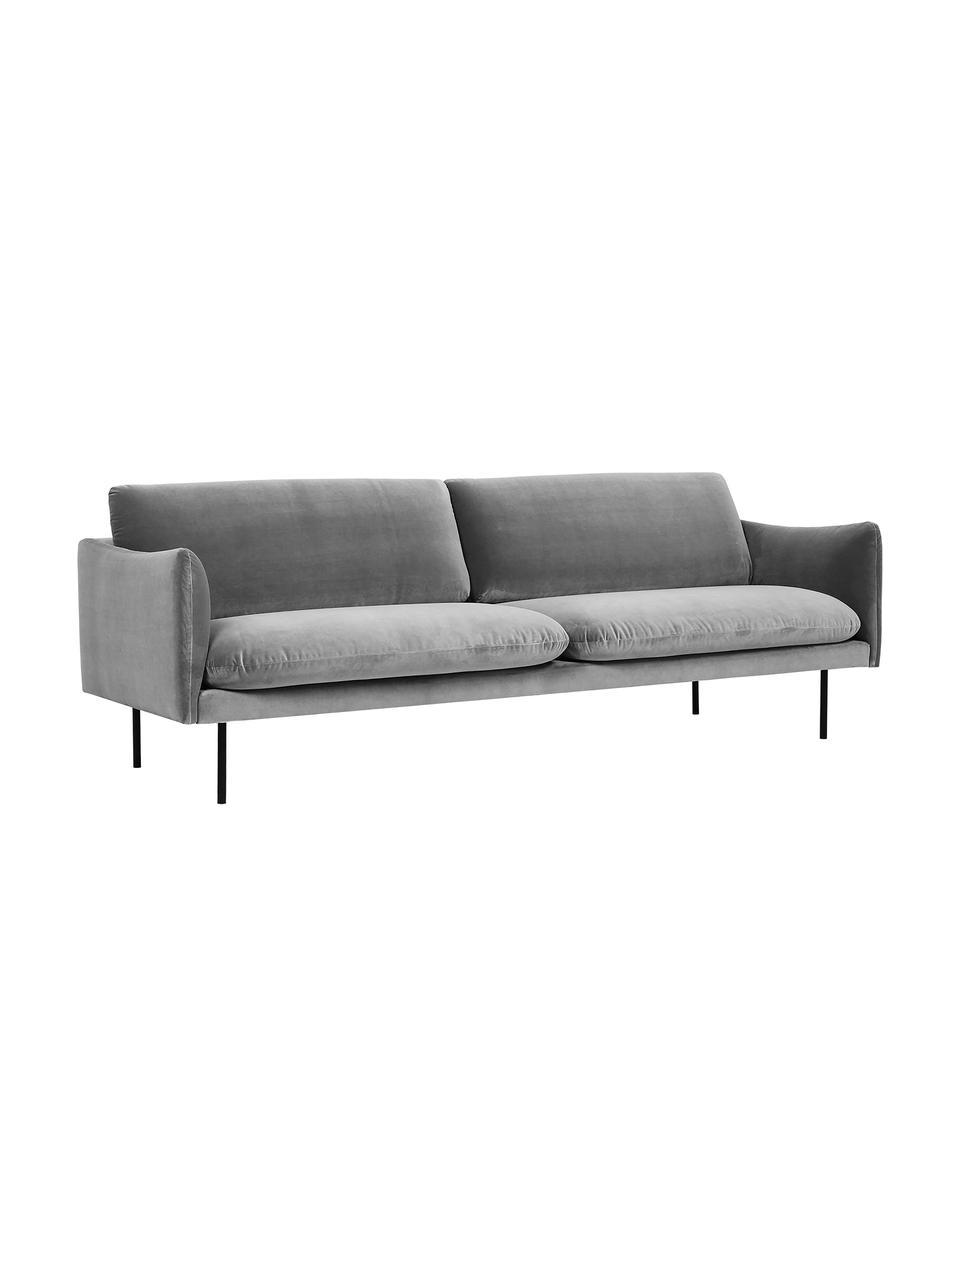 Canapé 3places velours gris pieds en métal Moby, Velours gris